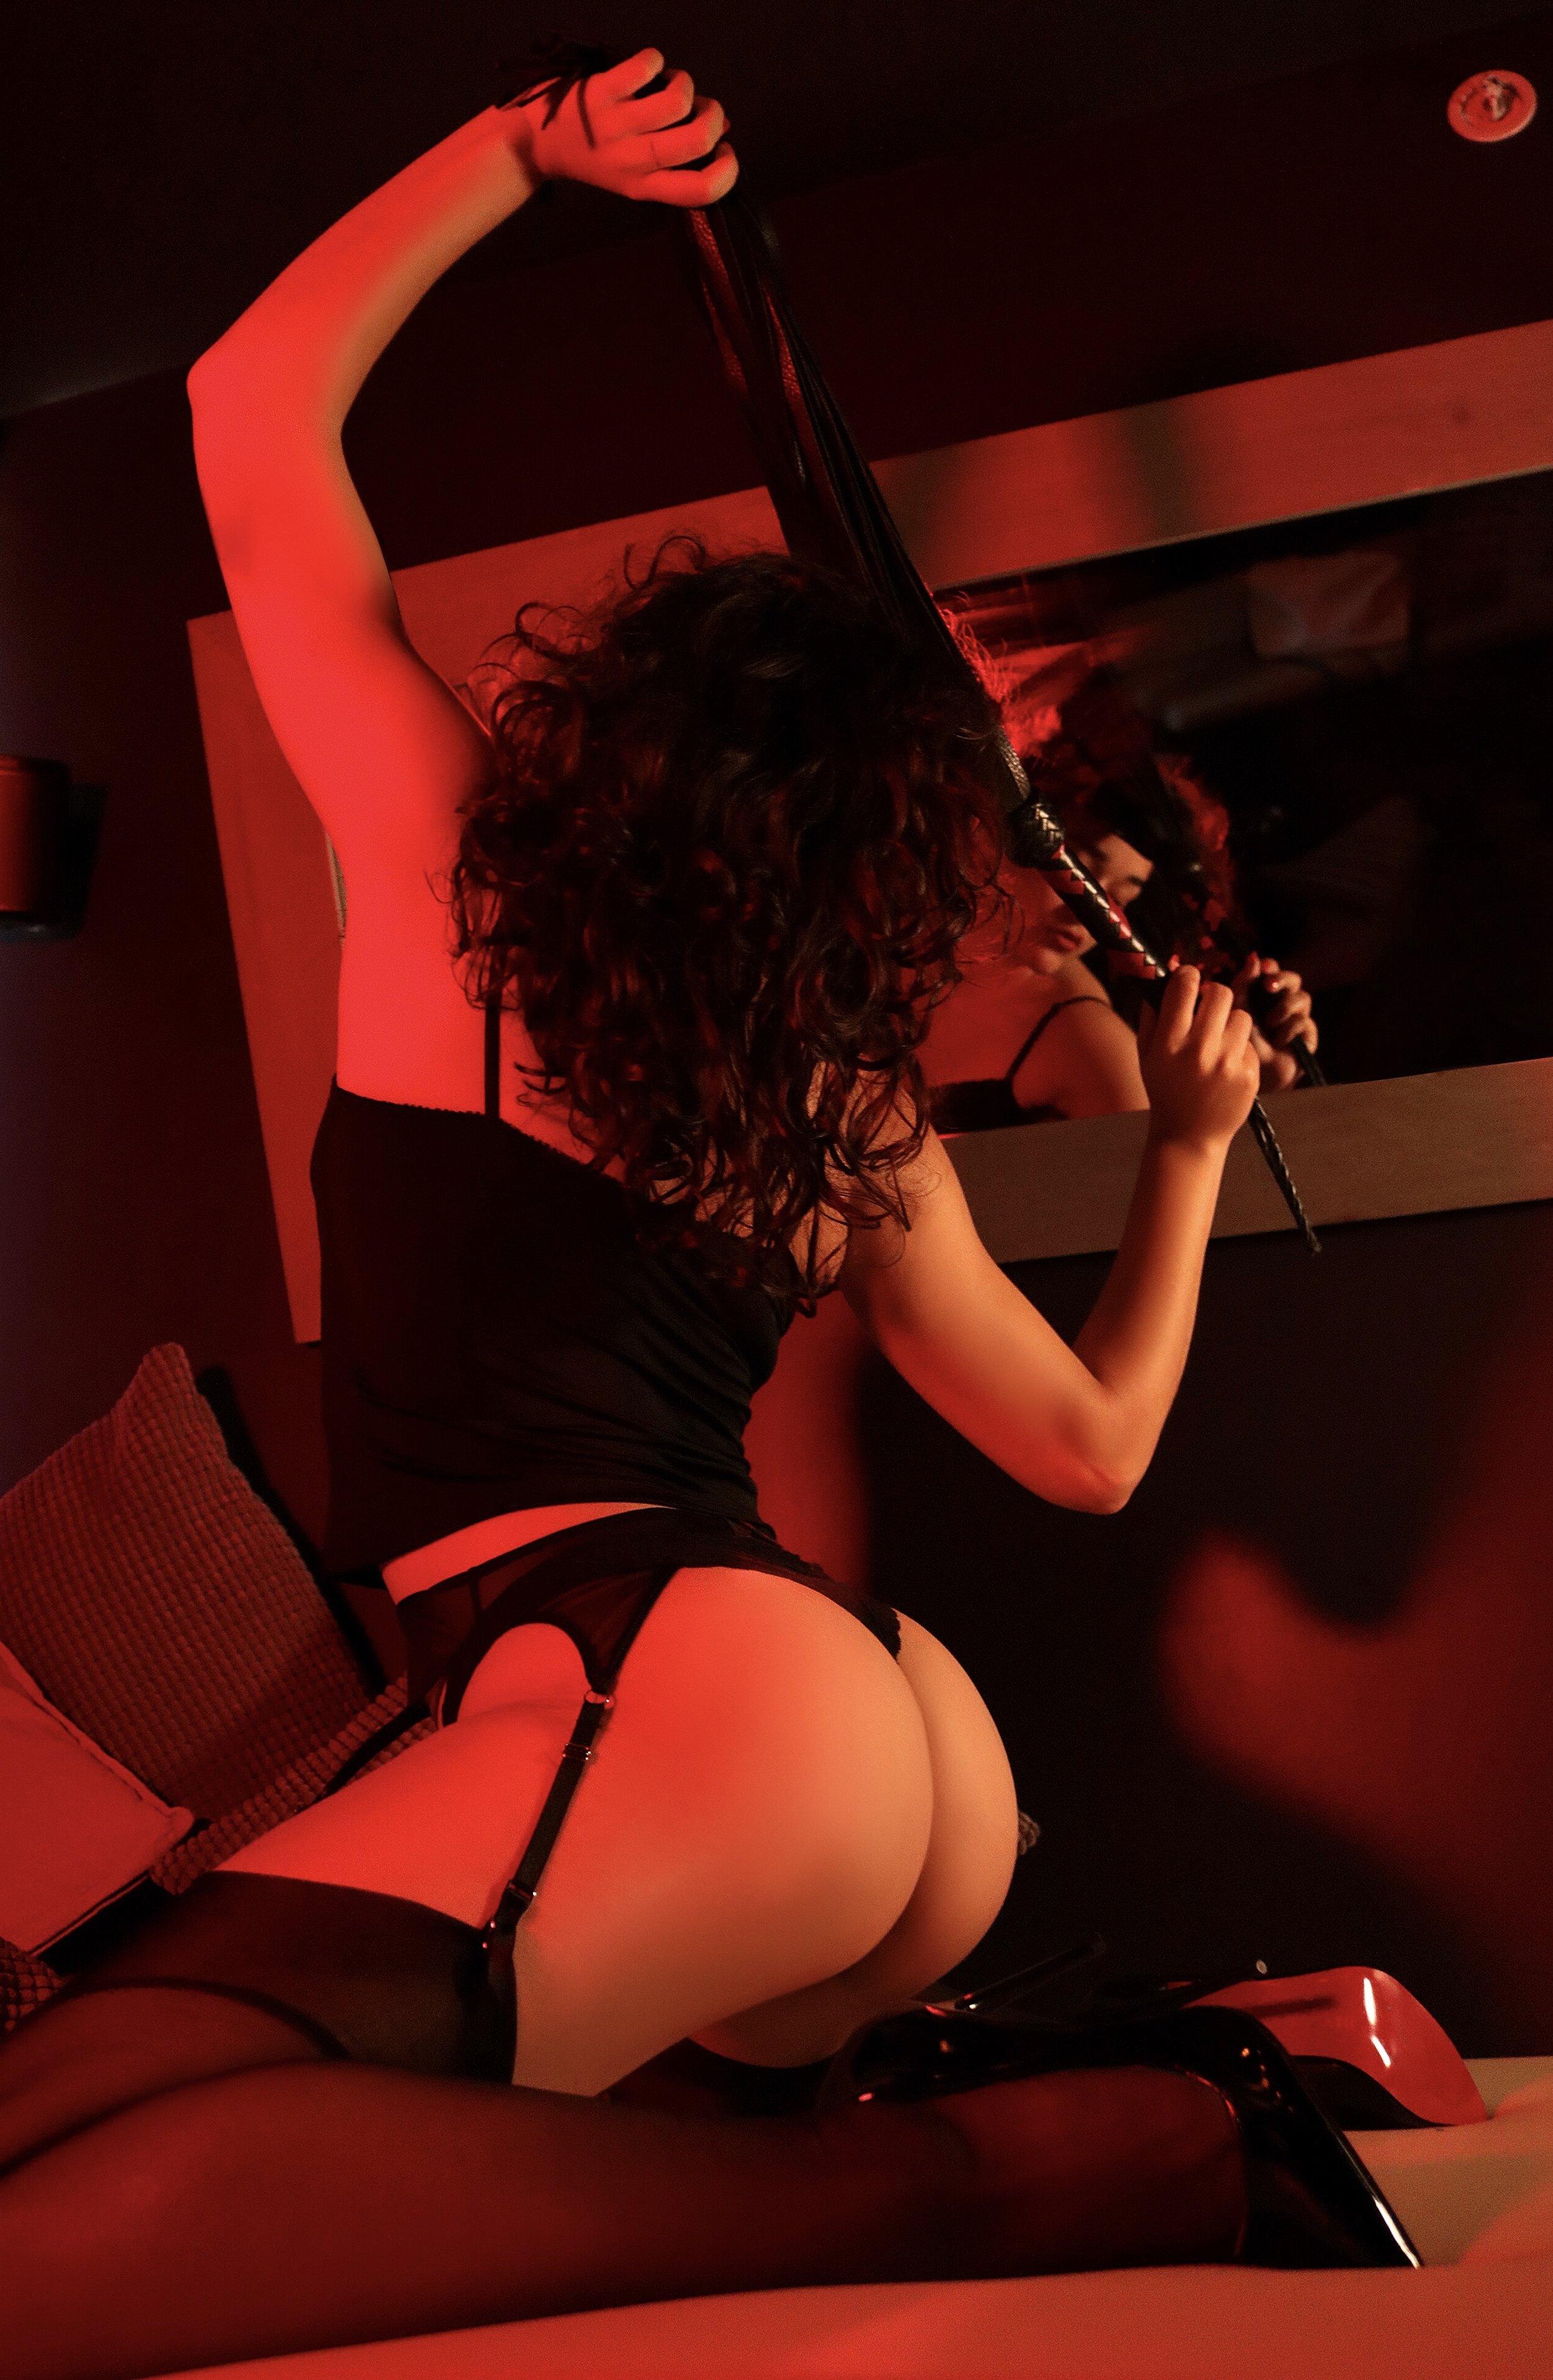 Louboutin Kinky Whip Ass Femdom